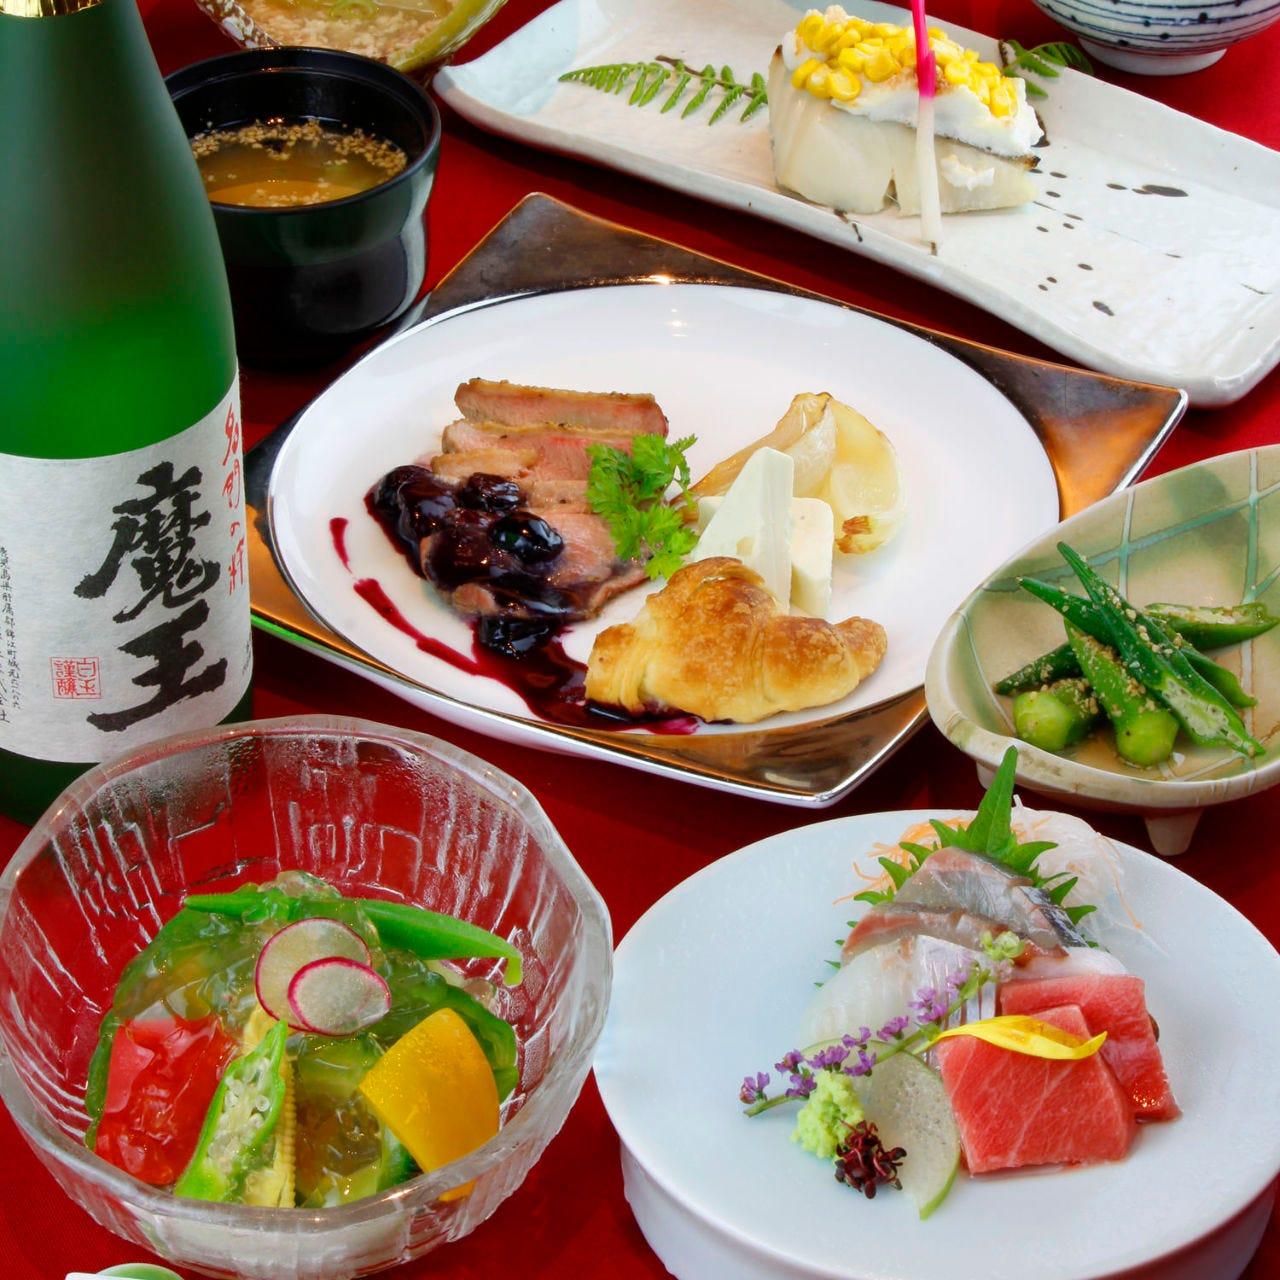 菜な会席(刺身・お魚・お肉料理など高級食材)全7品飲放 4500円